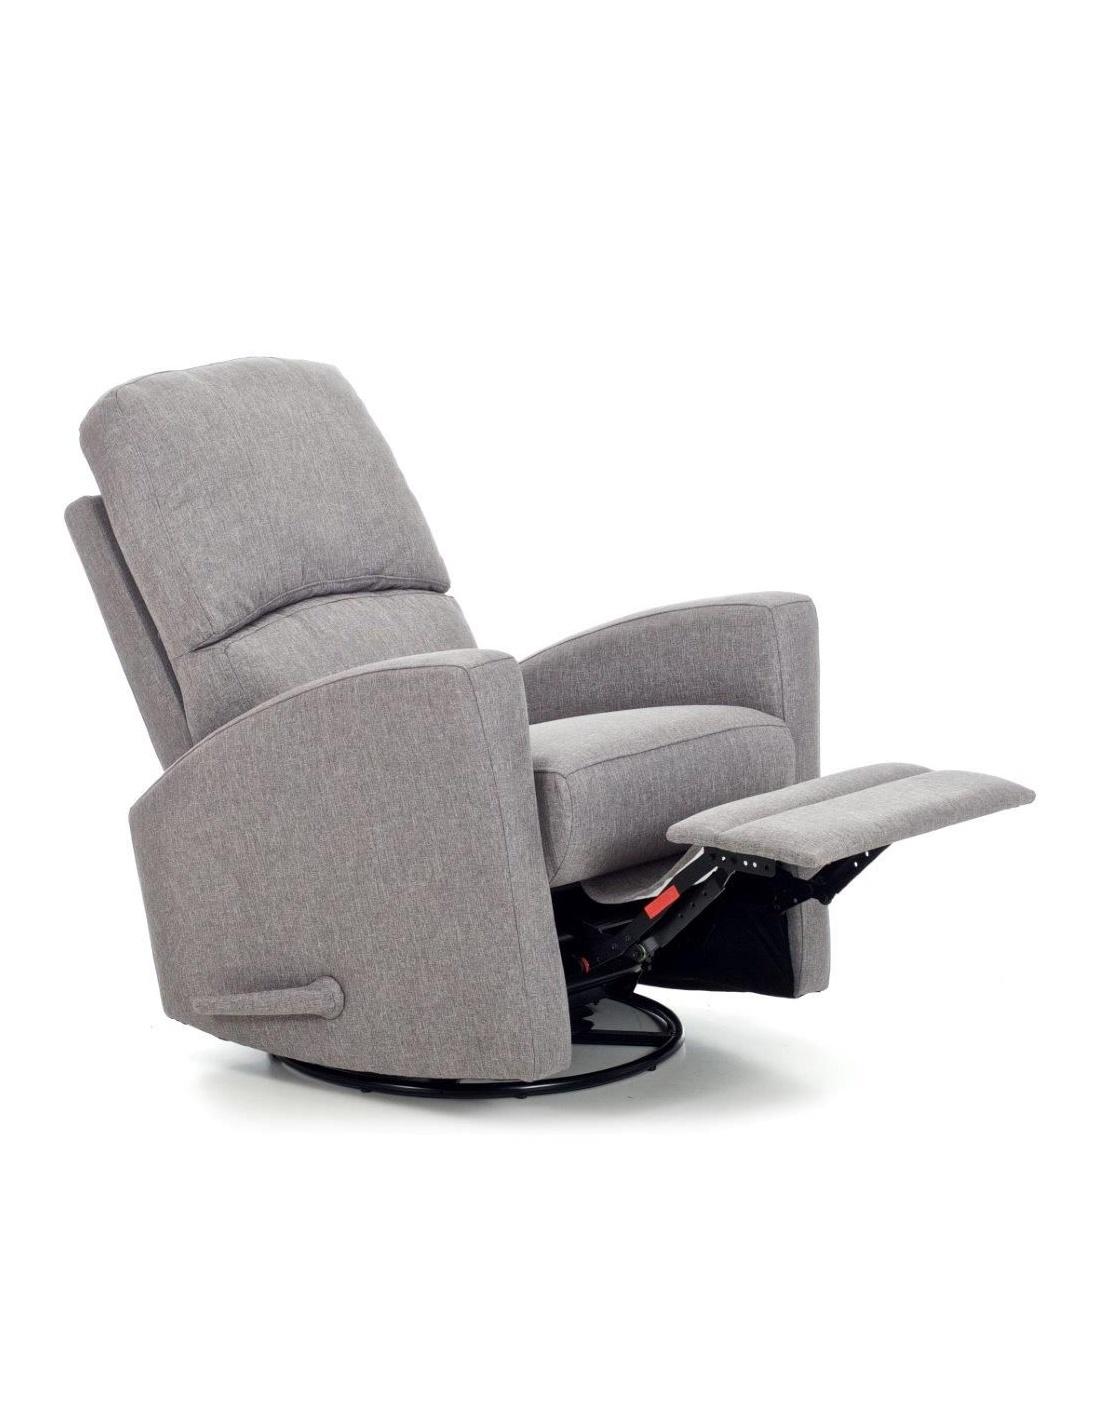 Sedia Dondolo Per Allattamento.Poltrona Recliner Da Allattamento Modello Mamy